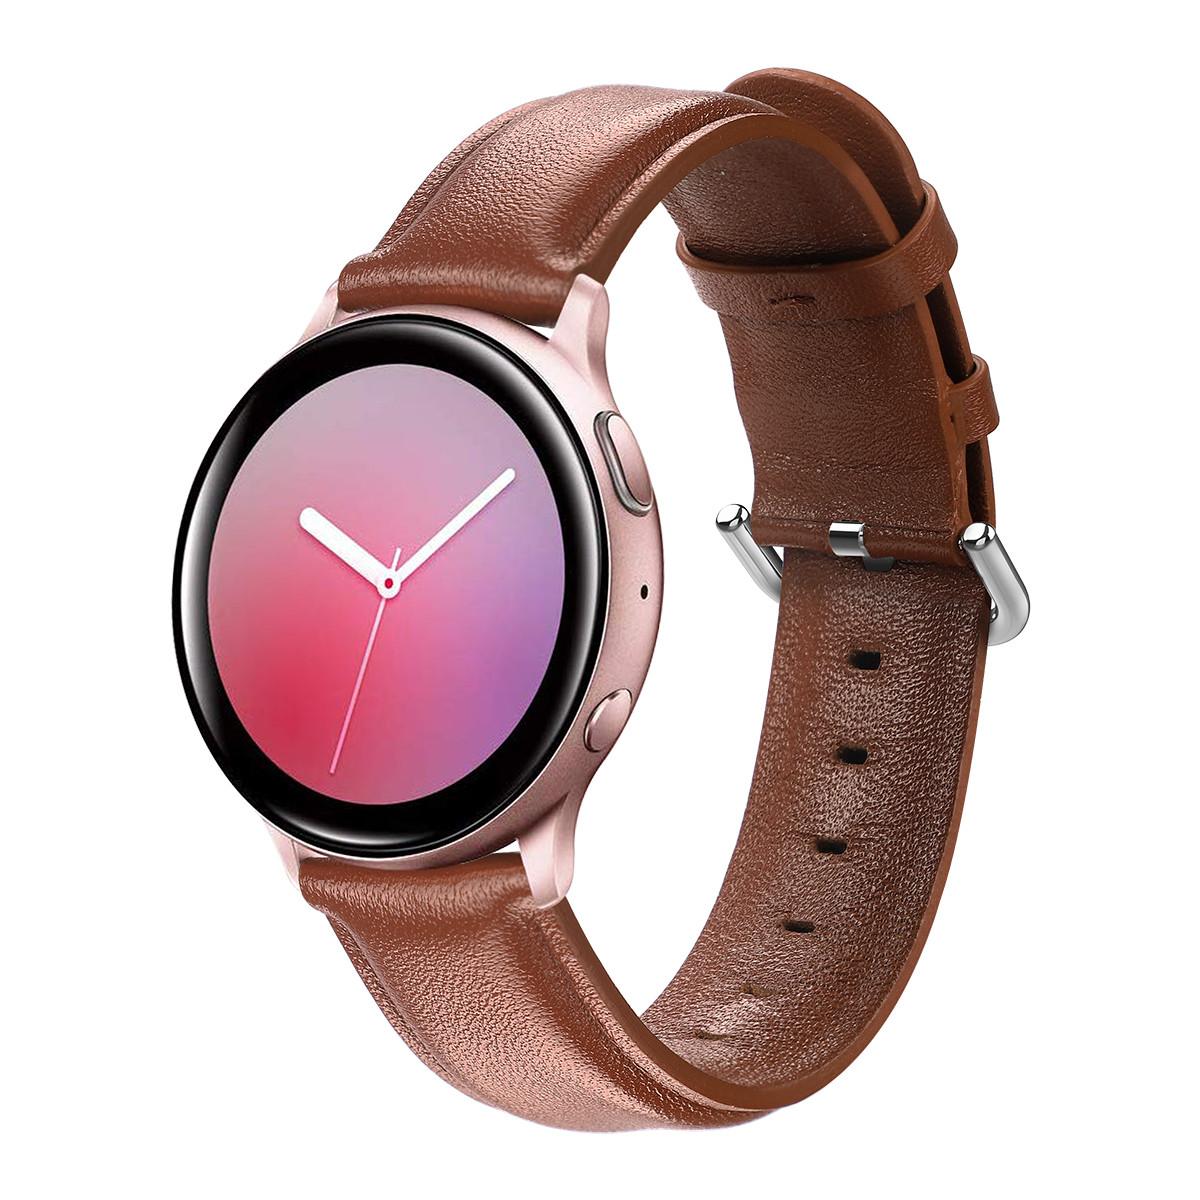 Ремешок кожаный 20мм BeWatch для Samsung Active | Active 2 | Galaxy watch 42mm S Коричневый